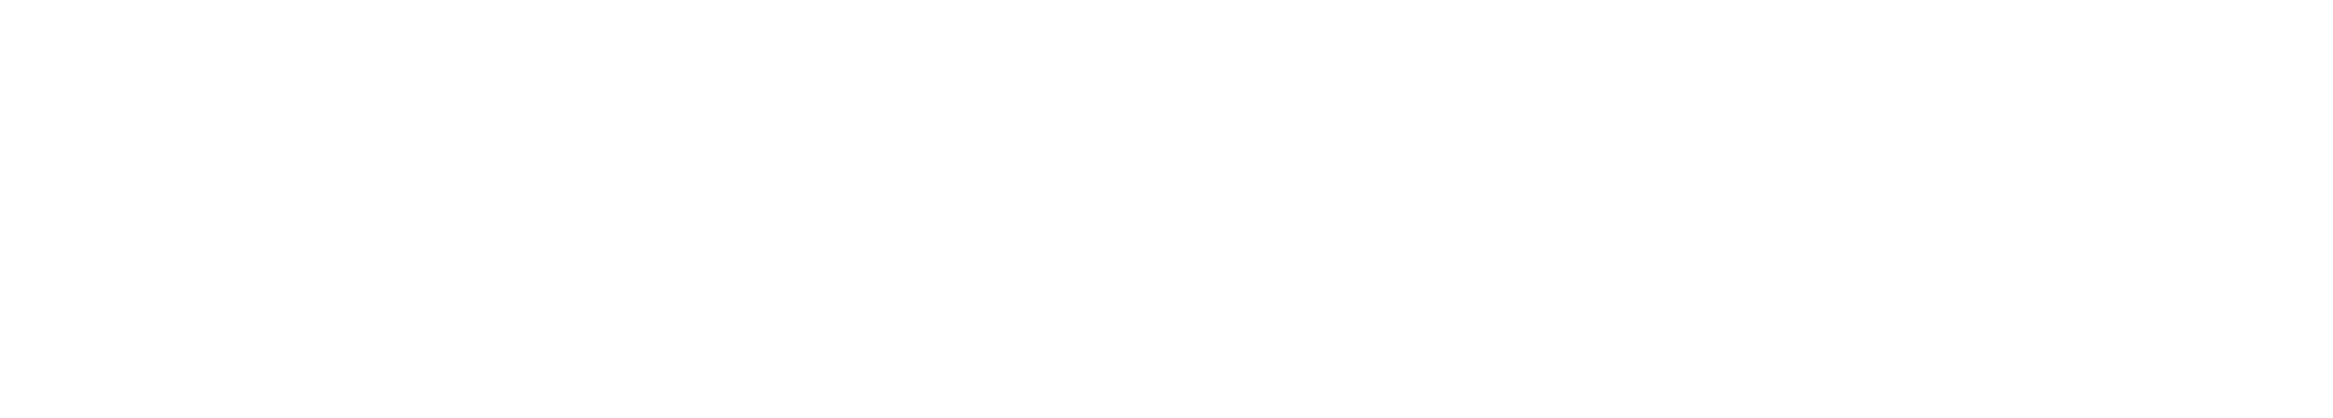 Danobat